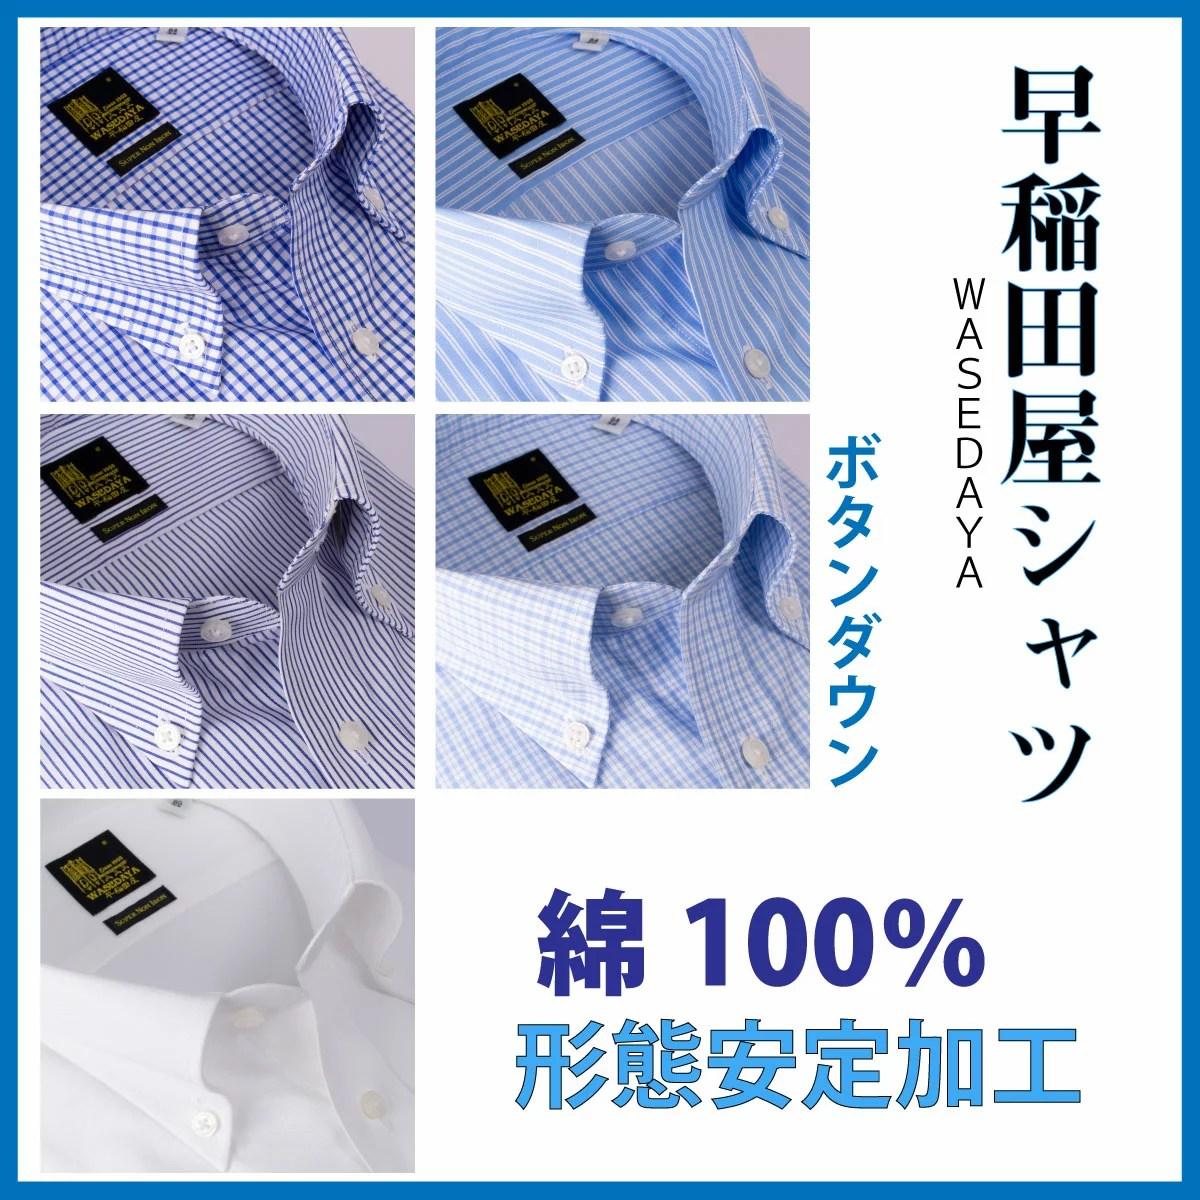 ワイシャツ メンズ 長袖 形態安定 早稲田屋シャツ ボタンダウン 綿100% 送